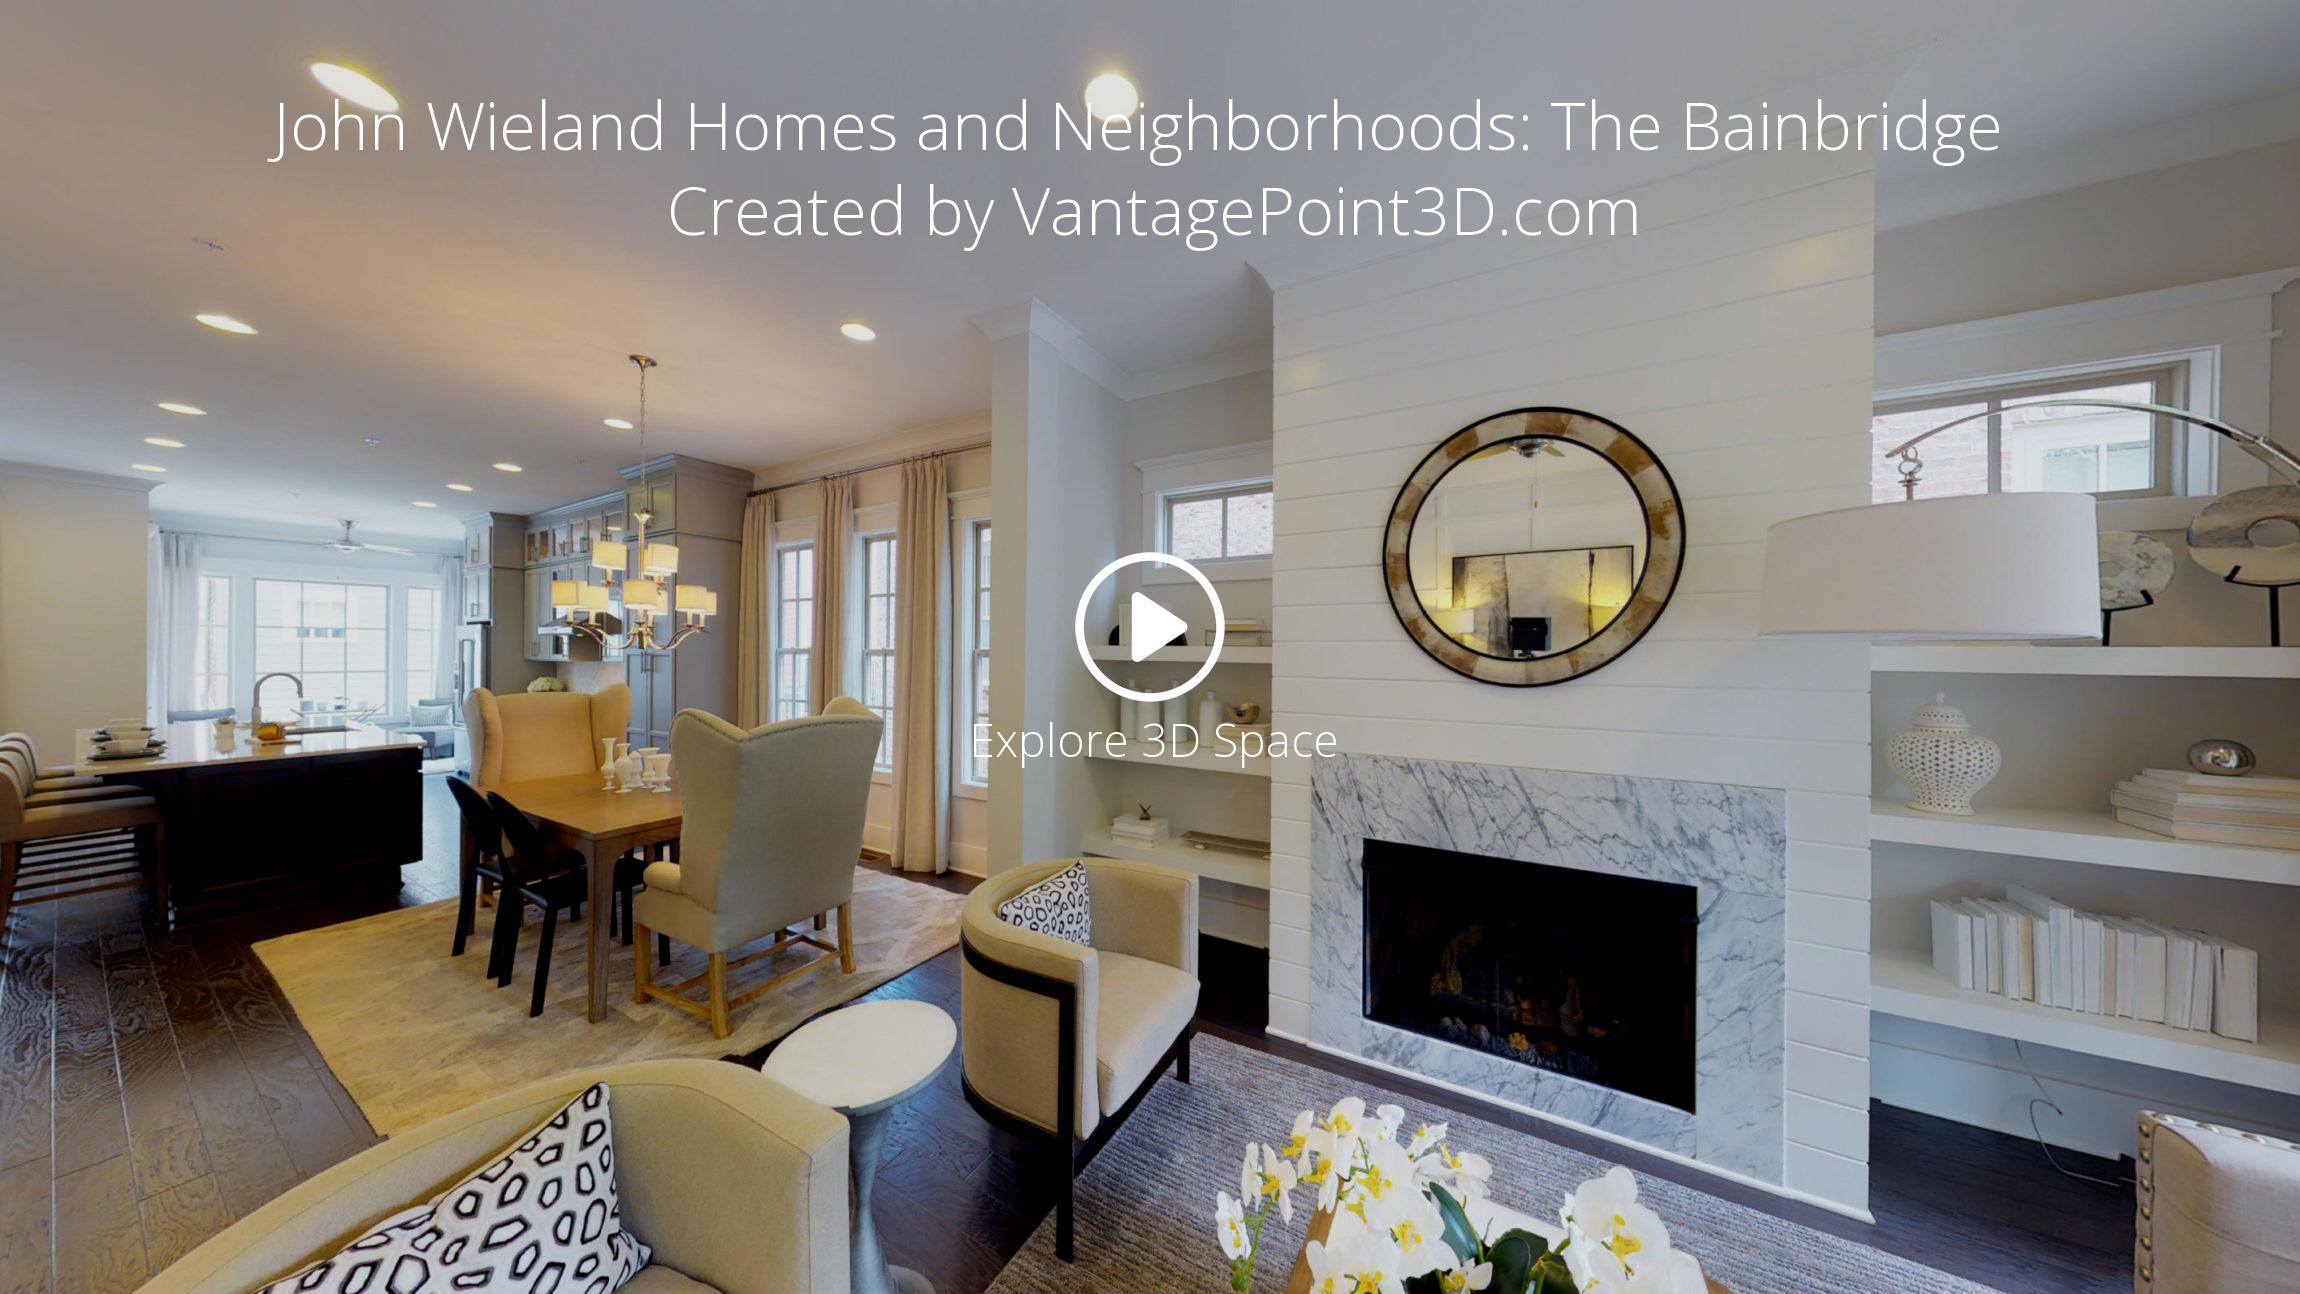 John Wieland Homes And Neighborhoods The Bainbridge Vantagepoint 3d